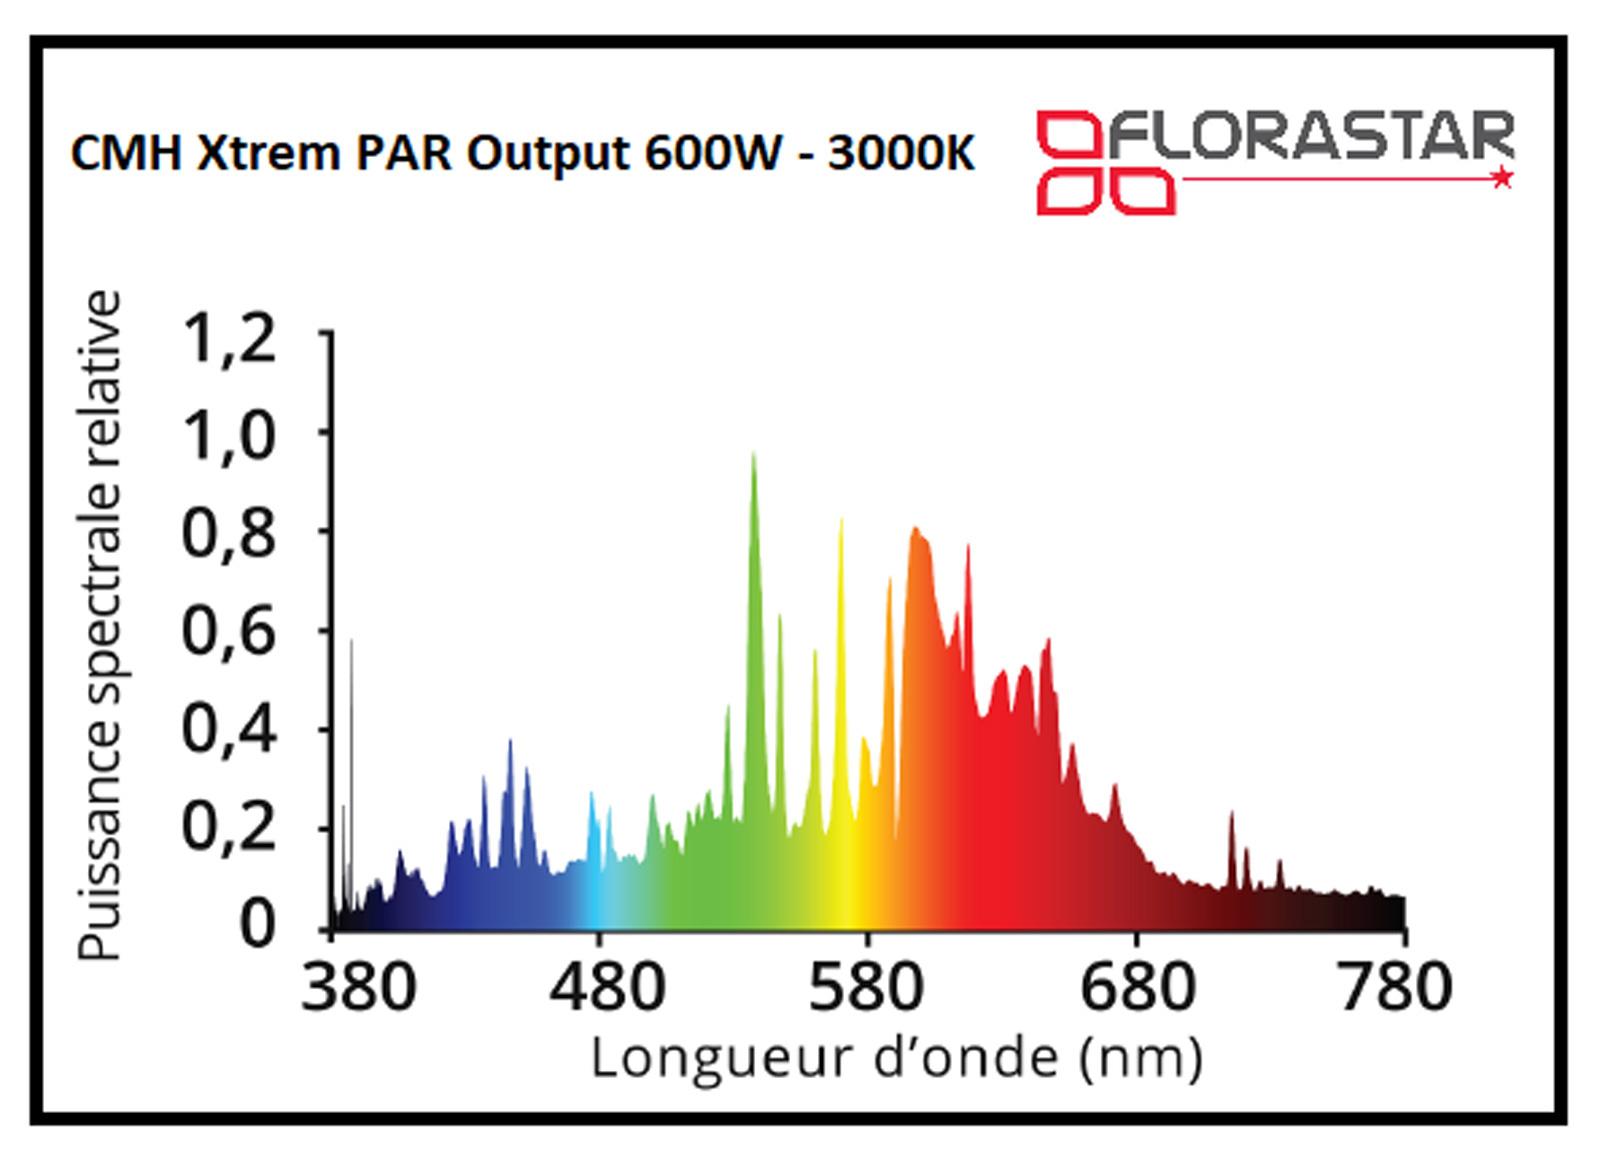 Courbe spectral CMH 600W Florastar